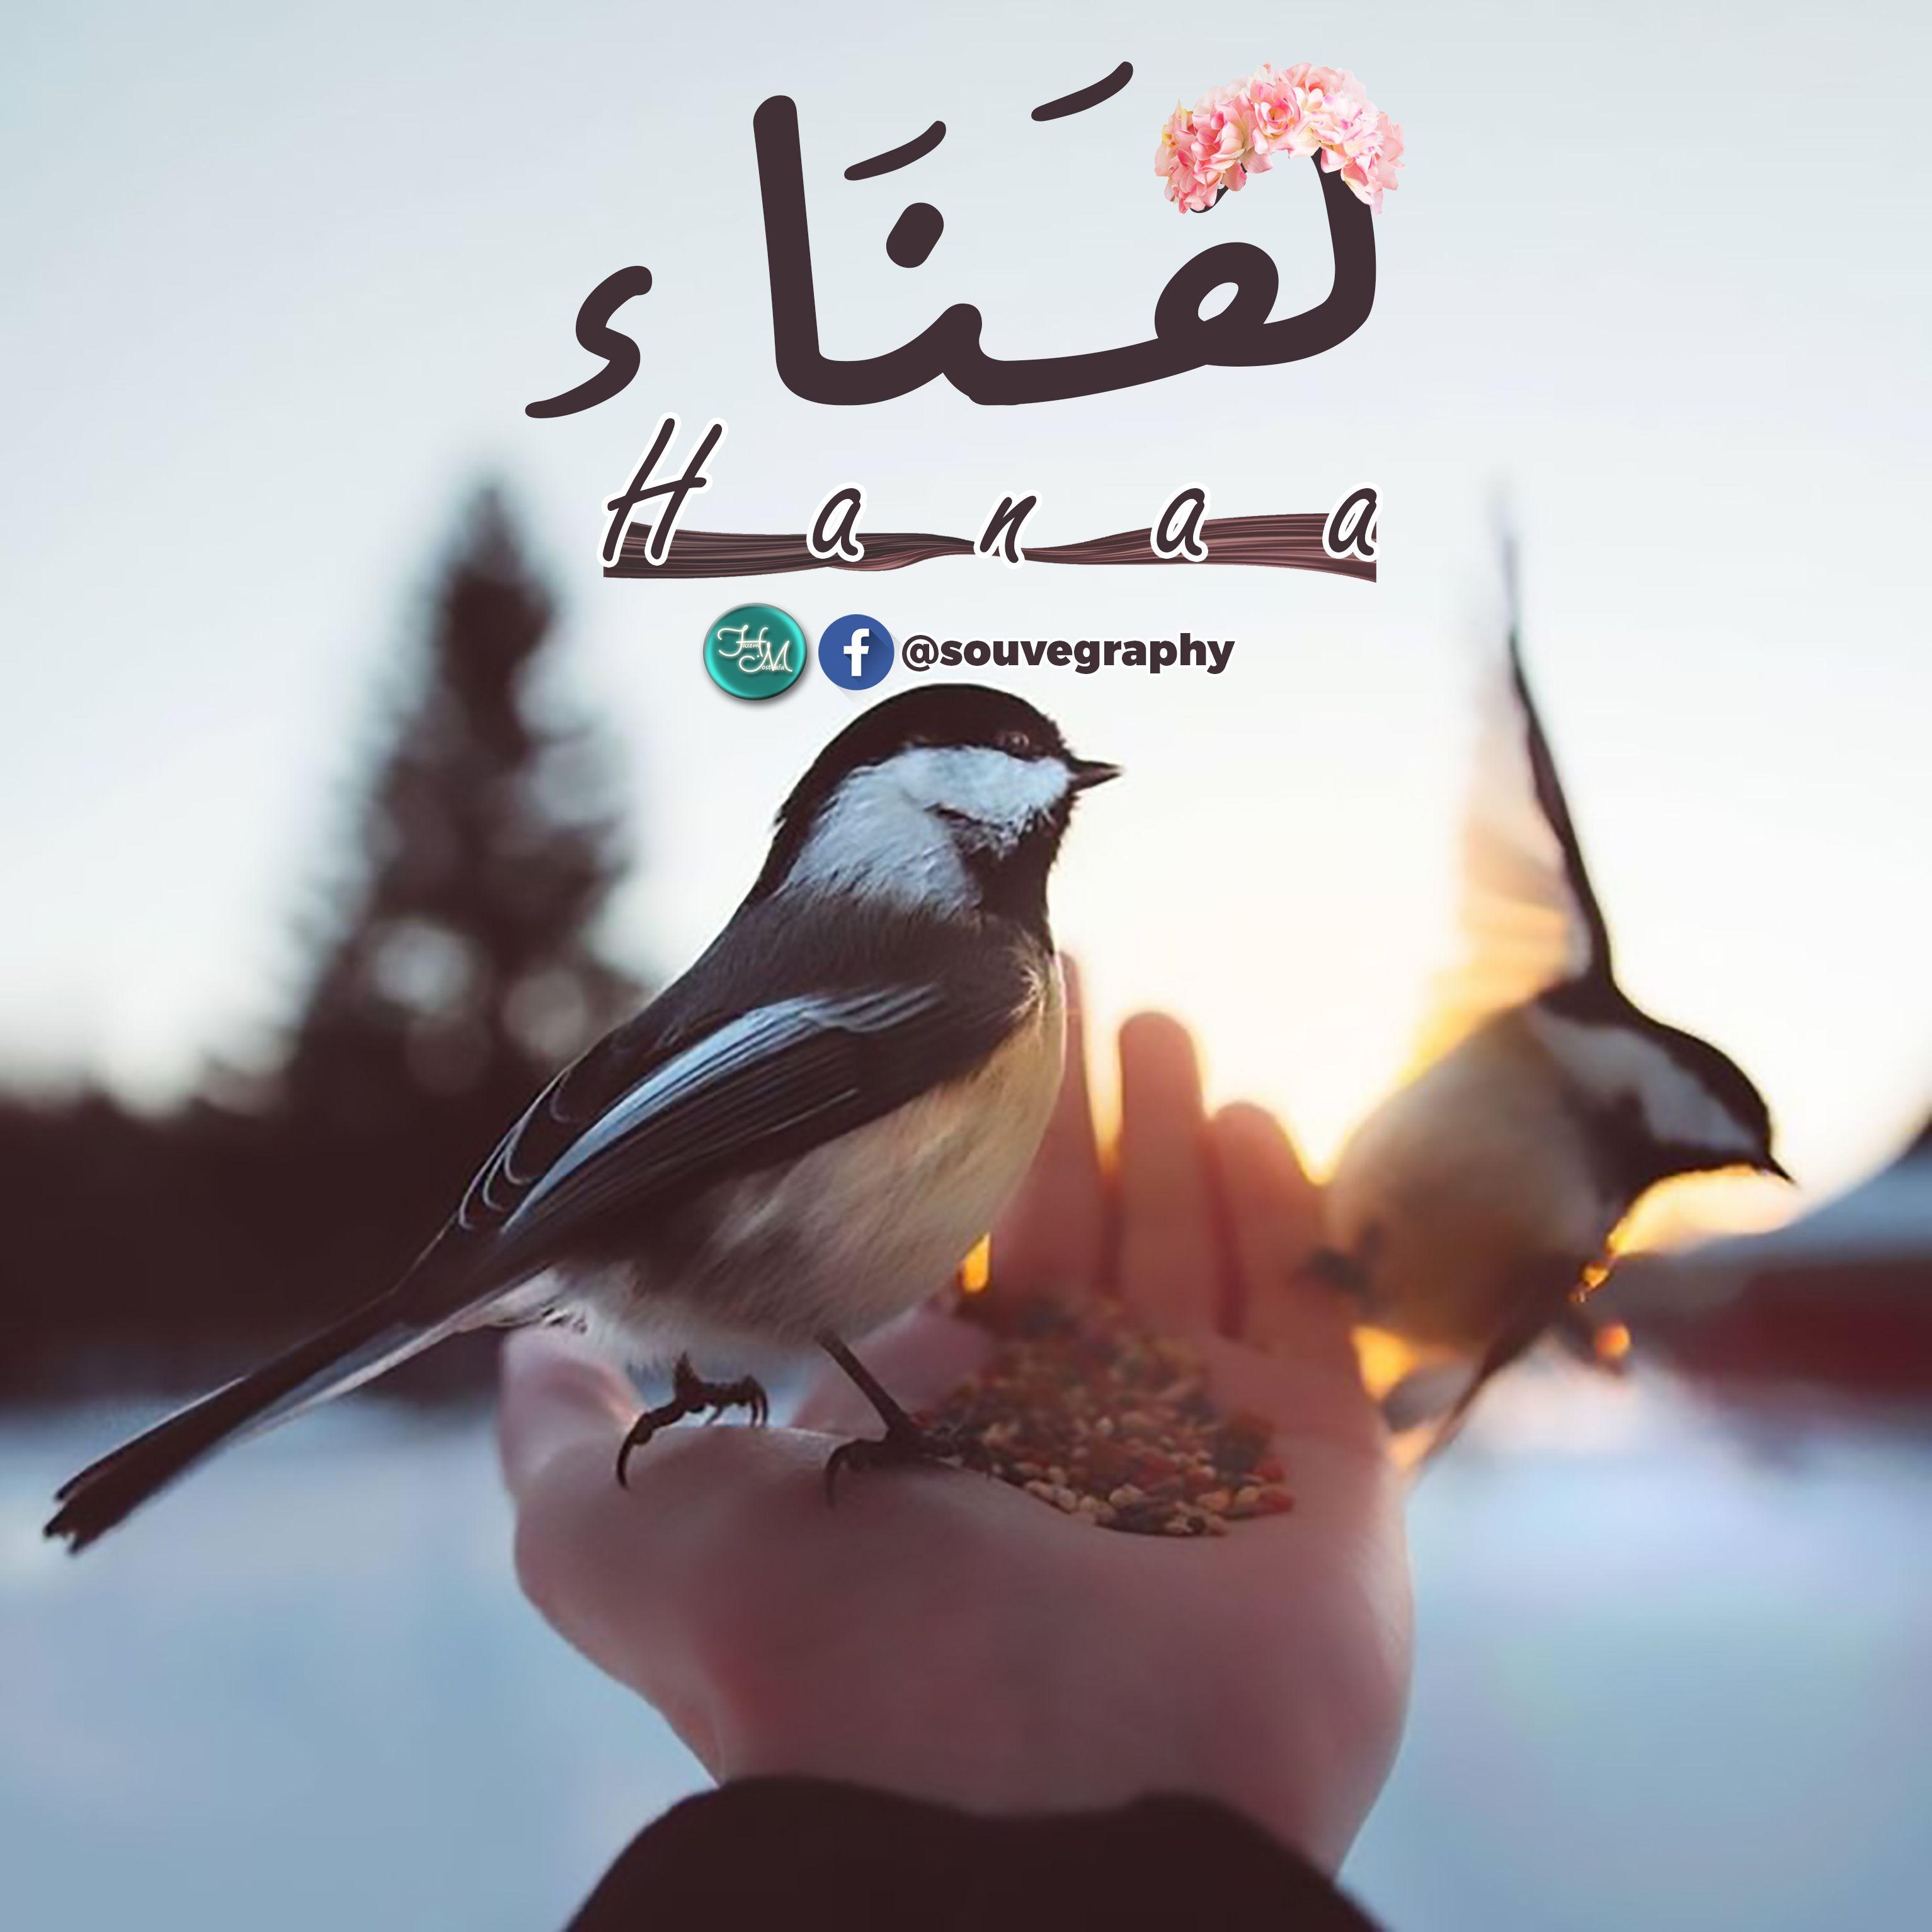 ه ن اء اسم علم مؤنث عربي معناه السرور و الفرح و الم سر ة و السعادة هناء Hanaa A N A Letters Animals